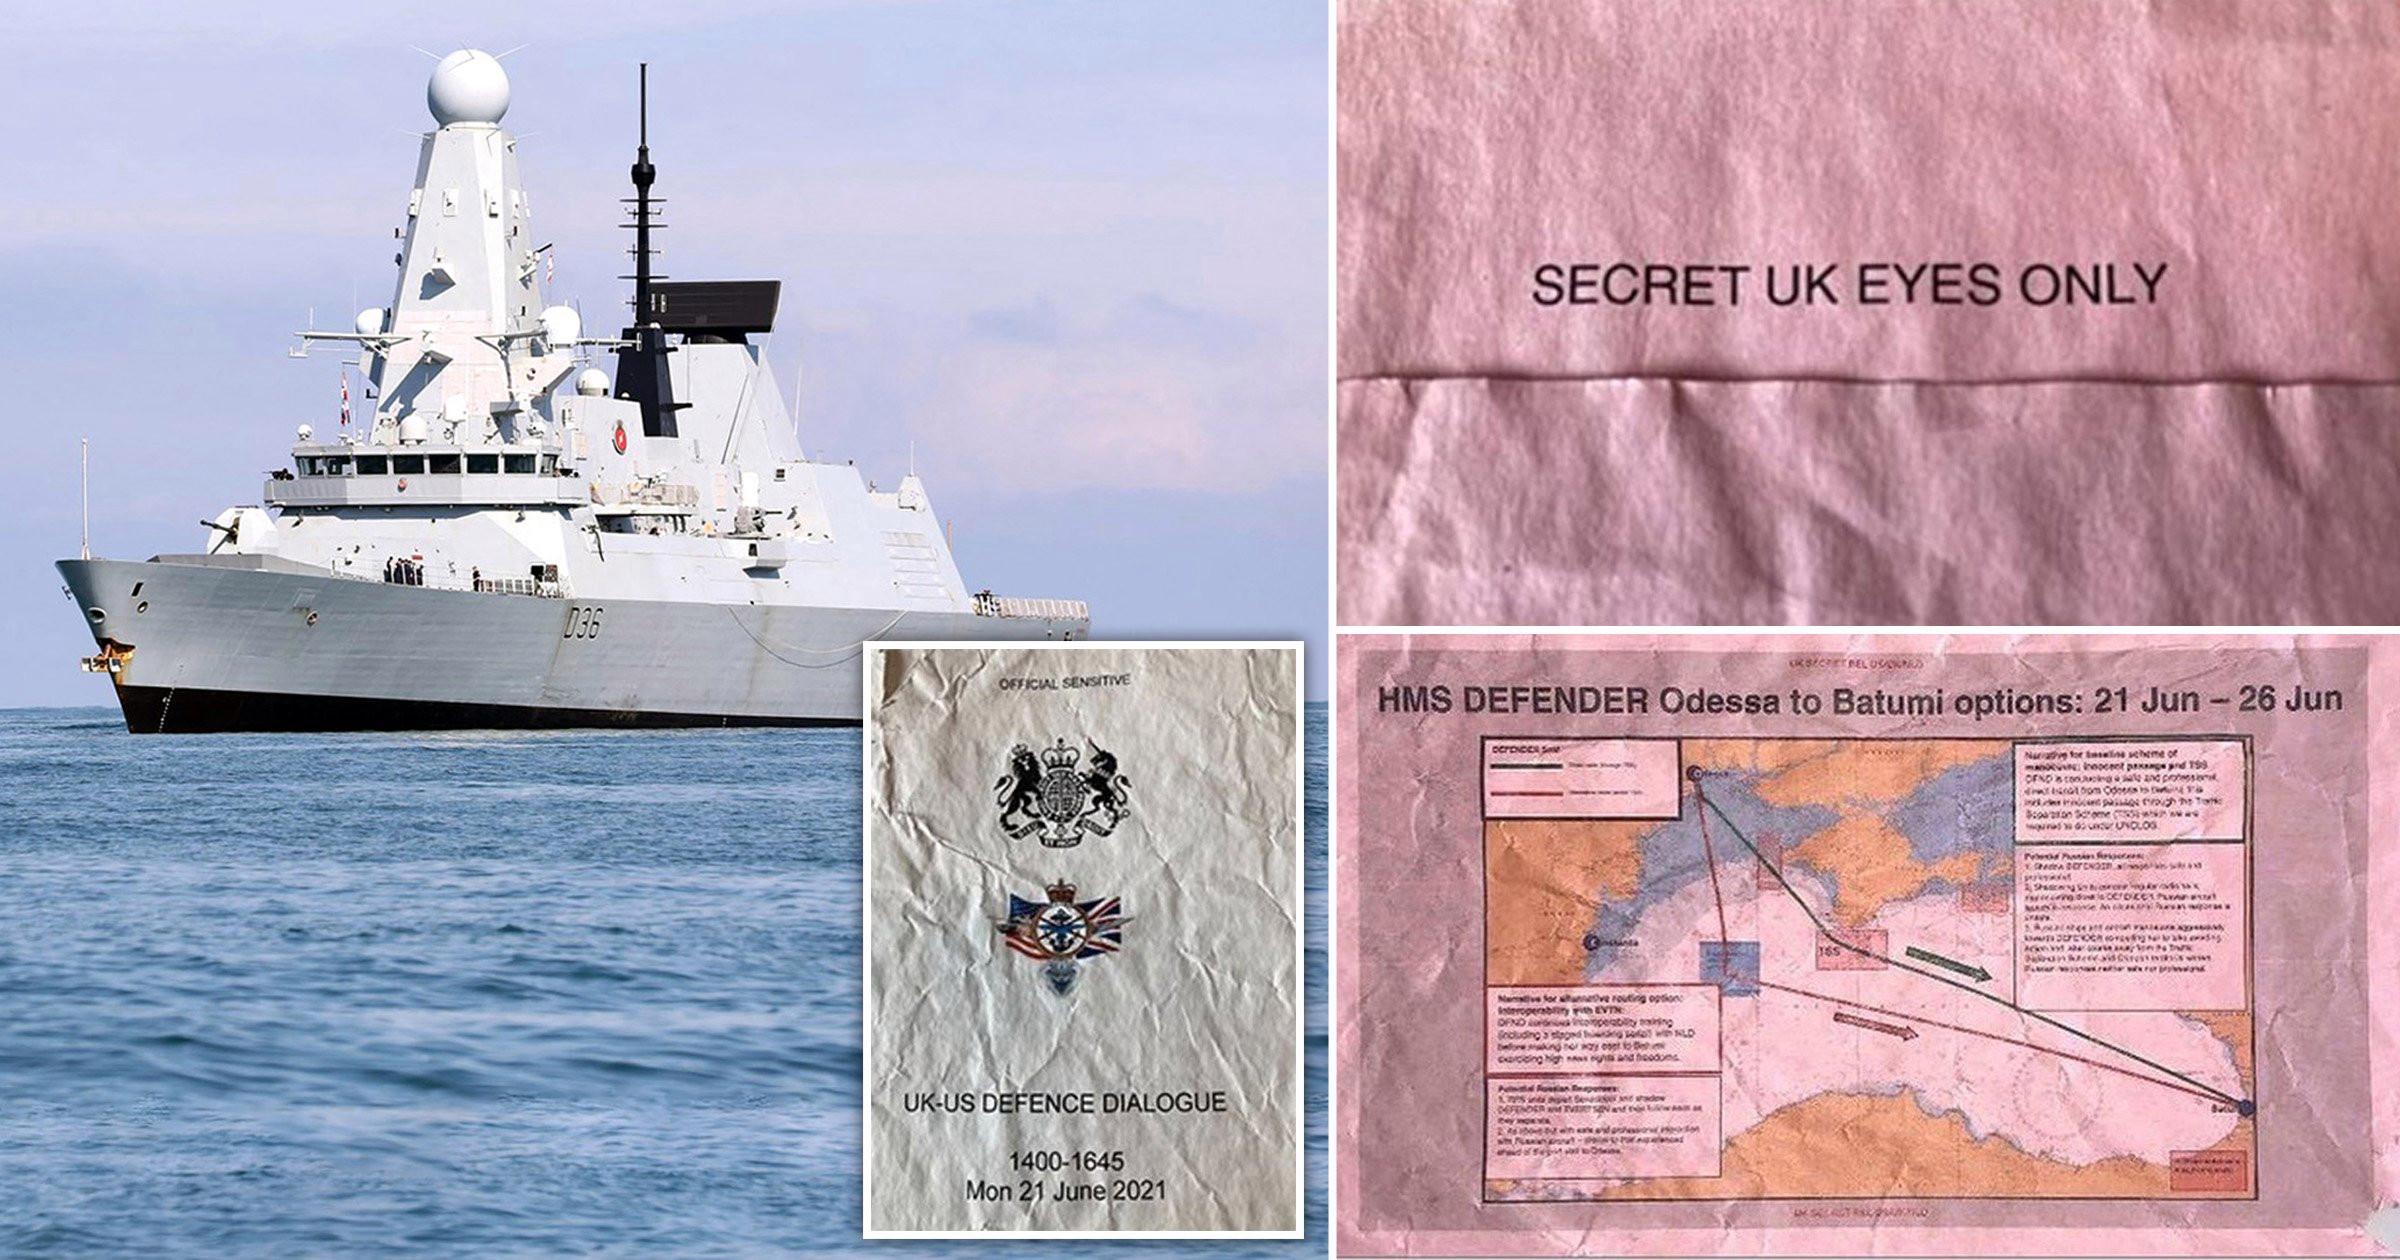 В Британии на остановке найдены секретные документы Минобороны. Они об эсминце Defender